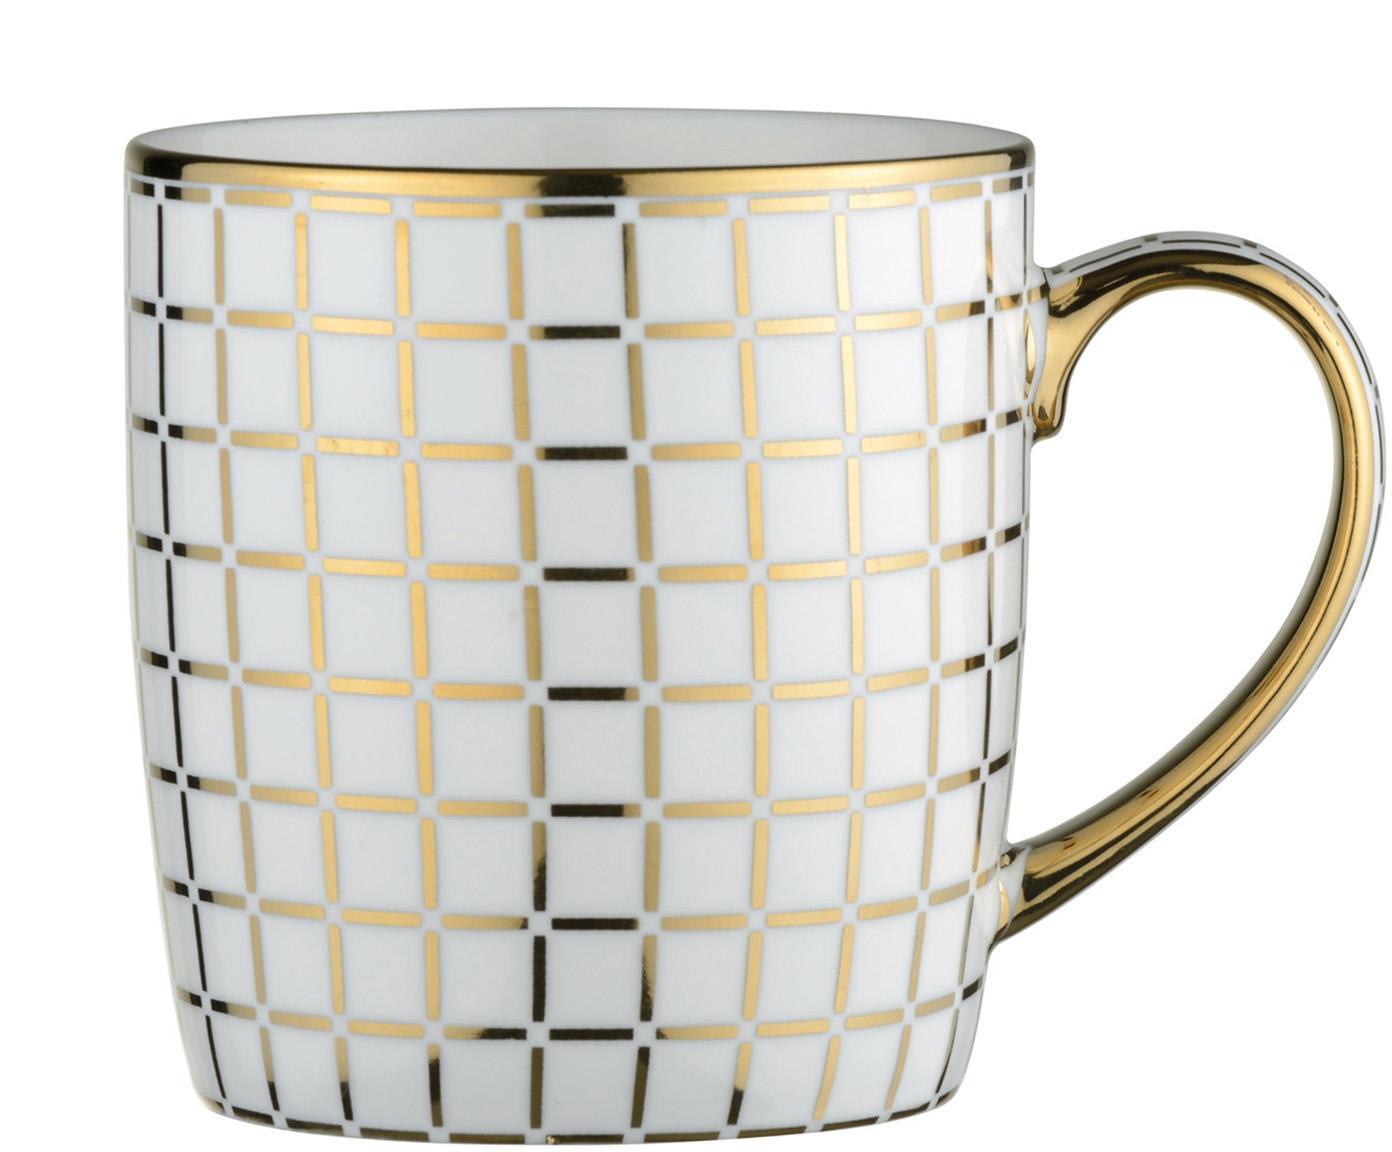 Tassen Lattice mit goldenem Dekor, 4 Stück, Porzellan, Weiß, Goldfarben, Ø 9 x H 10 cm